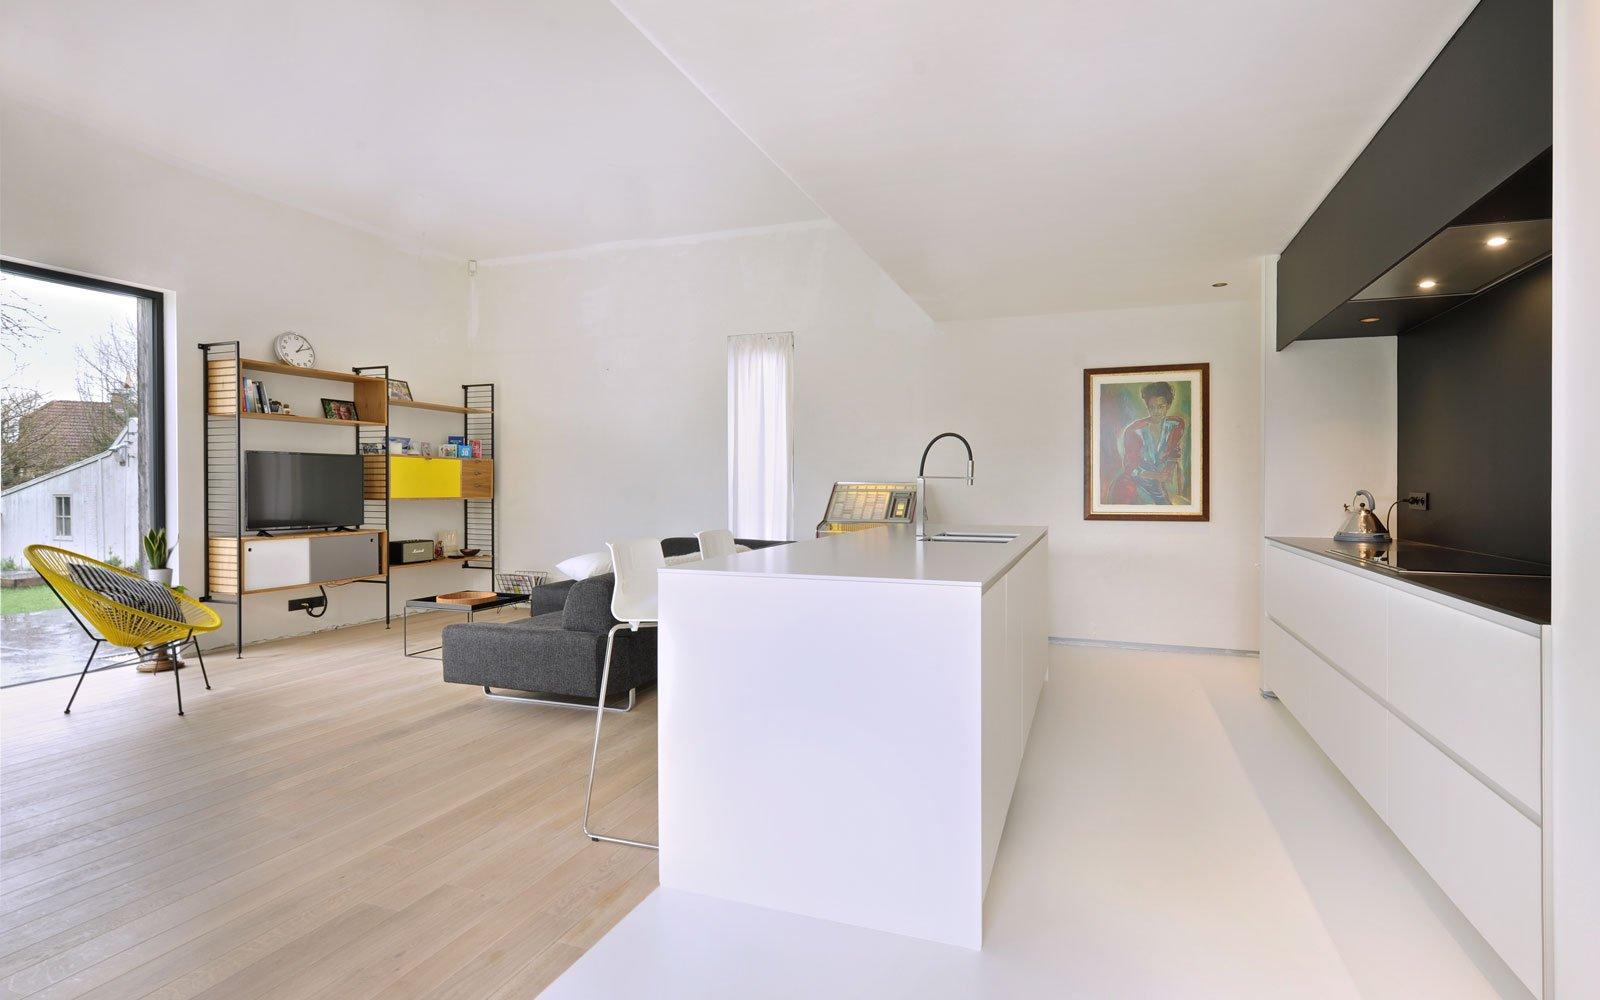 Woonkamer, keuken, open verbinding, maatwerk, Interioo, Michiel van Raemdonck